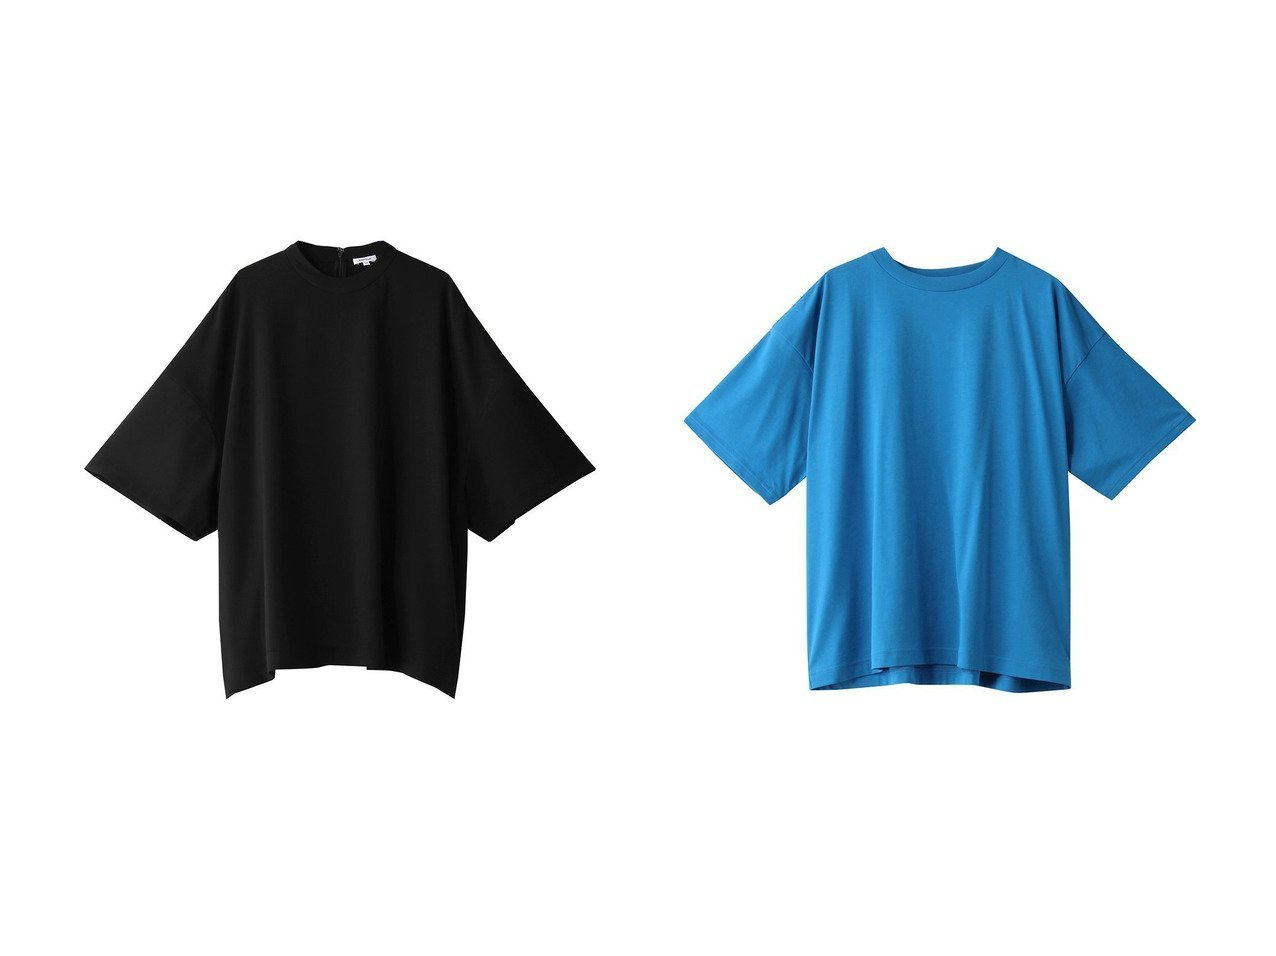 【ENFOLD/エンフォルド】のコンパクト天竺 ルーズTシャツ&Comfortable Twill BIG Tシャツ 【トップス・カットソー】おすすめ!人気、トレンド・レディースファッションの通販 おすすめで人気の流行・トレンド、ファッションの通販商品 メンズファッション・キッズファッション・インテリア・家具・レディースファッション・服の通販 founy(ファニー) https://founy.com/ ファッション Fashion レディースファッション WOMEN トップス・カットソー Tops/Tshirt シャツ/ブラウス Shirts/Blouses ロング / Tシャツ T-Shirts カットソー Cut and Sewn S/S・春夏 SS・Spring/Summer おすすめ Recommend ショート スリーブ スーツ セットアップ ビッグ 春 Spring |ID:crp329100000035596